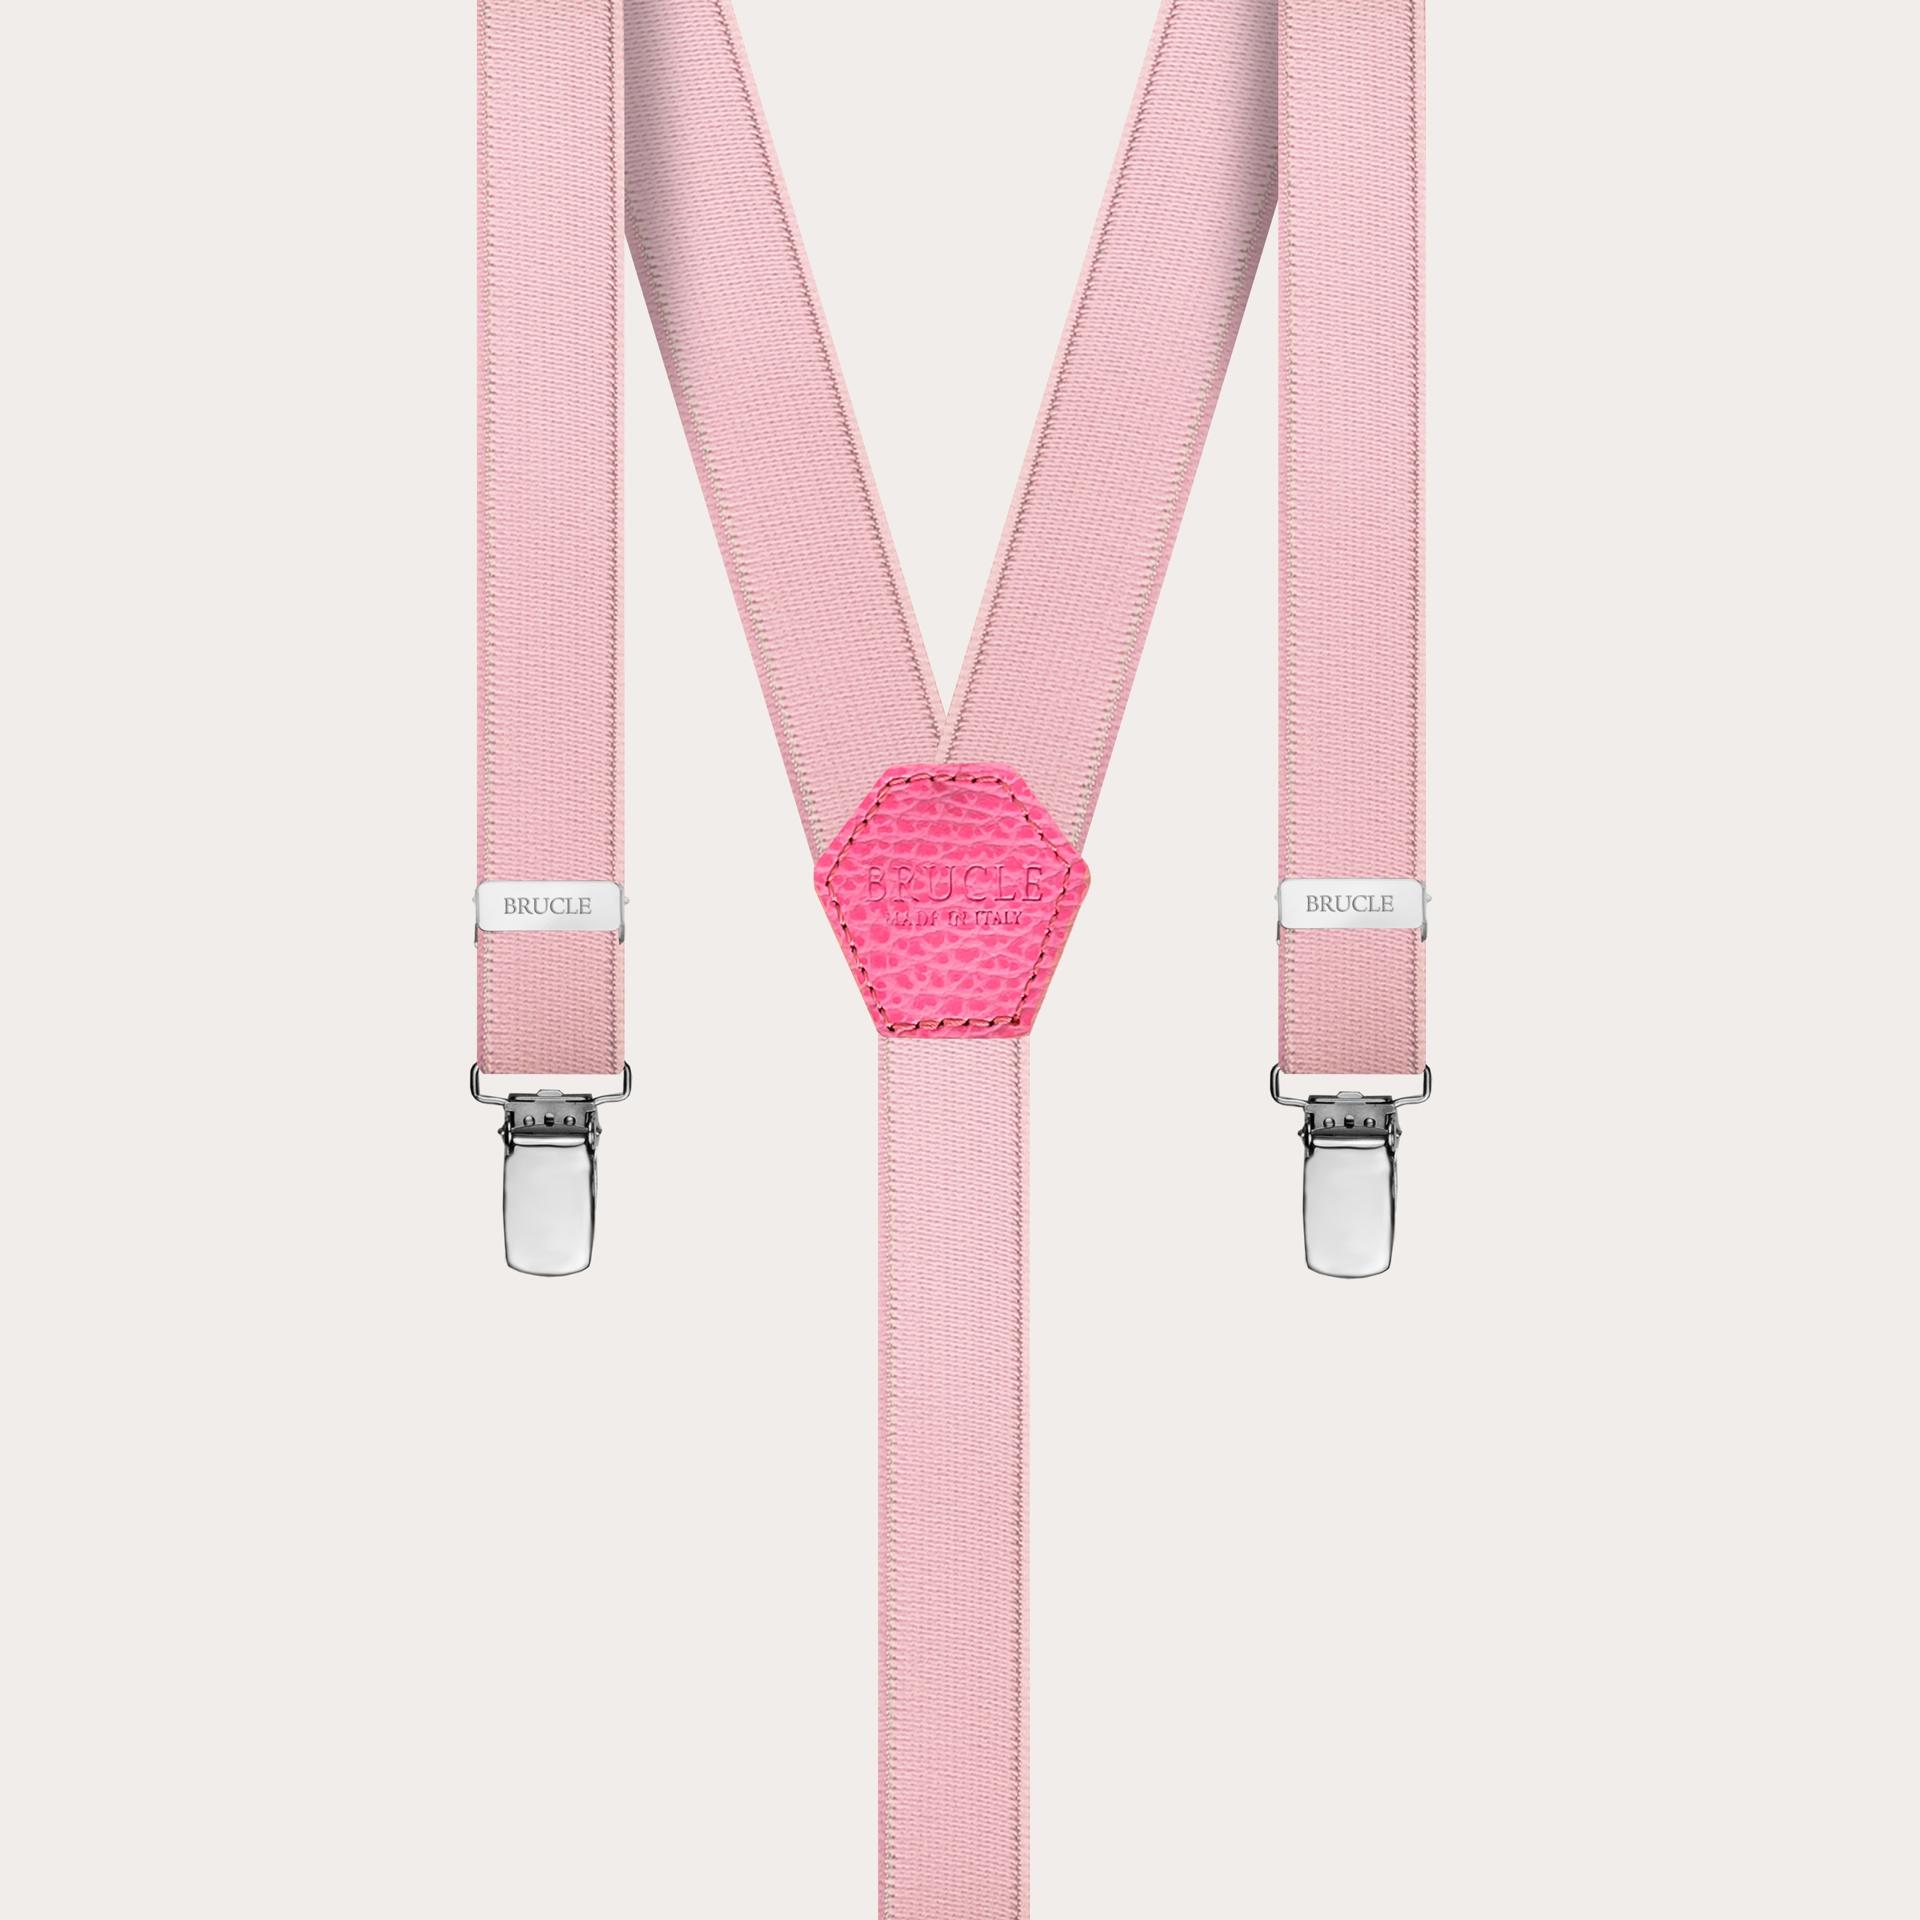 18mm Y-form braces suspenders pink